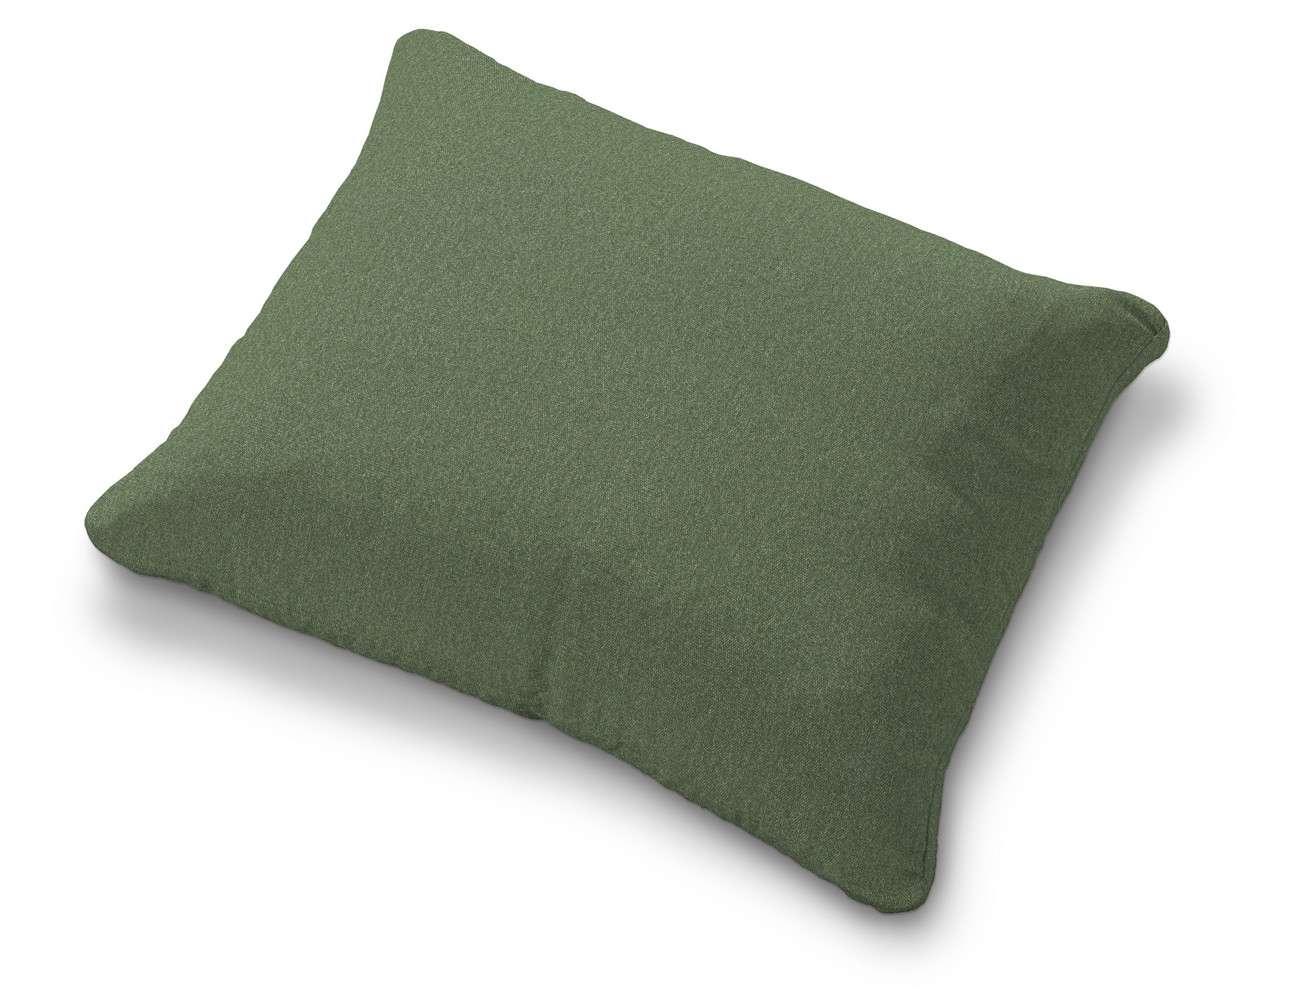 Poszewka na poduszkę Karlstad 58x48cm w kolekcji Amsterdam, tkanina: 704-44